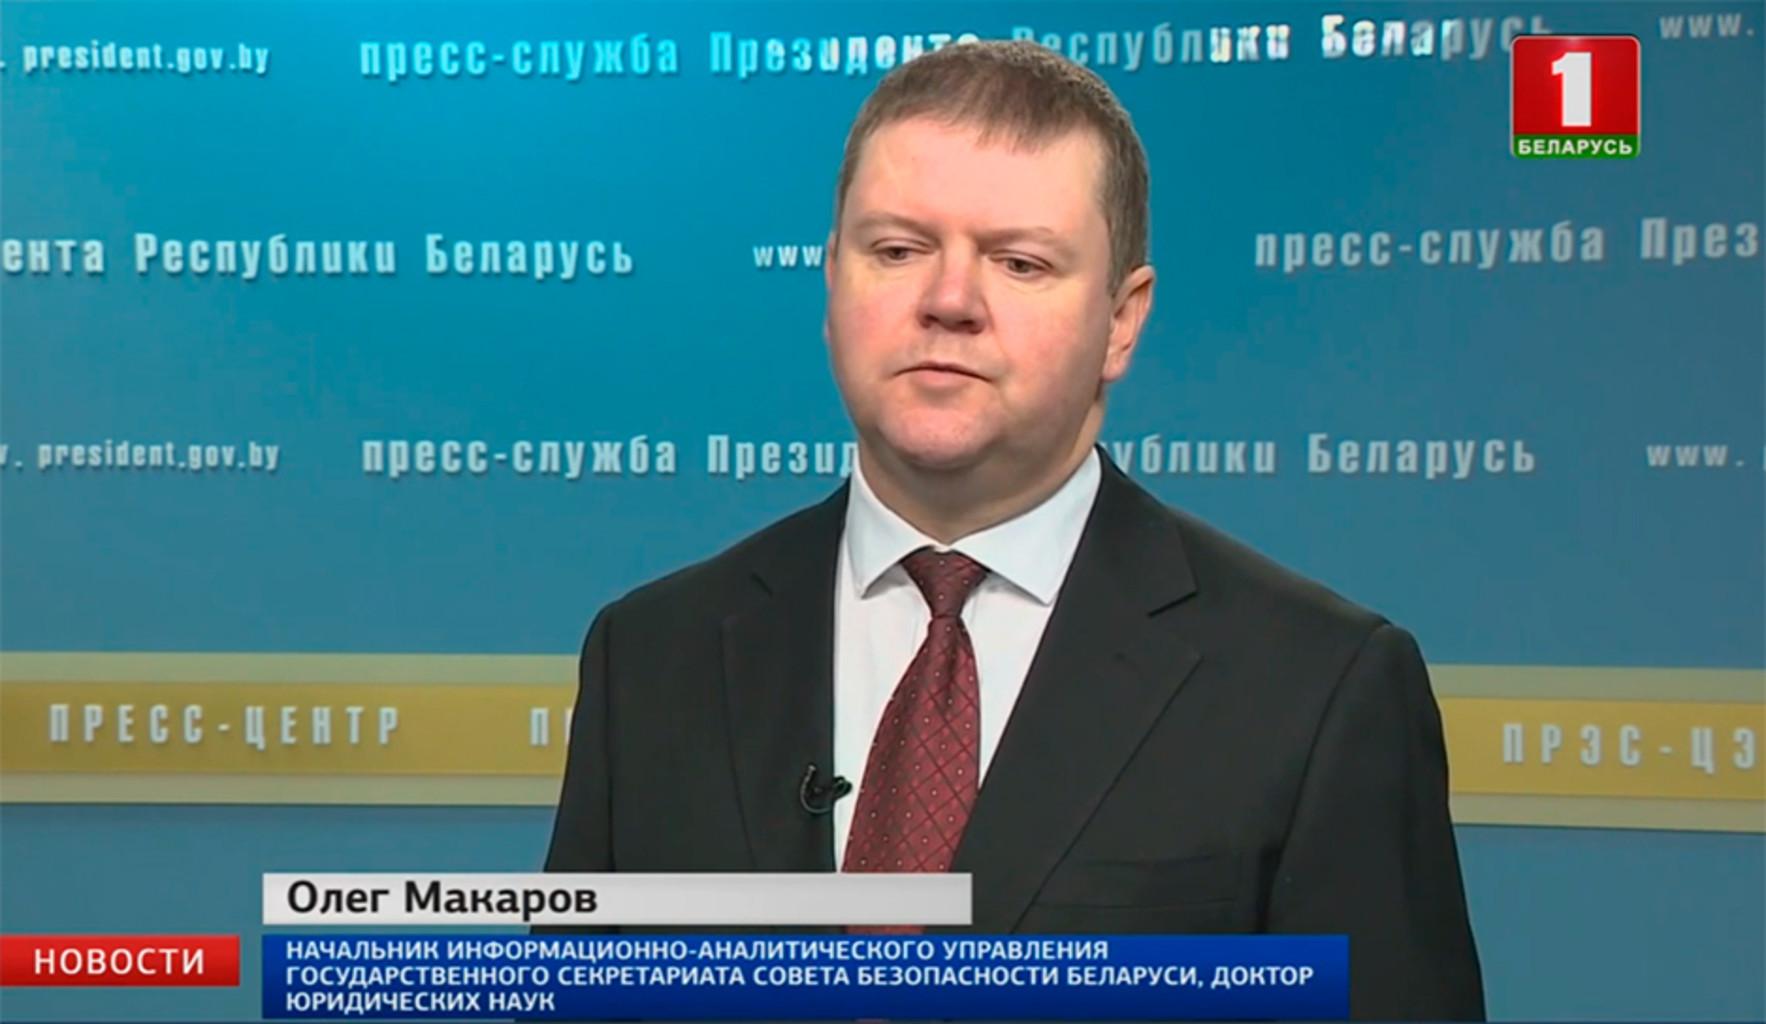 Oleg makarov belorusskiy institut strategicheskikh issledovaniy